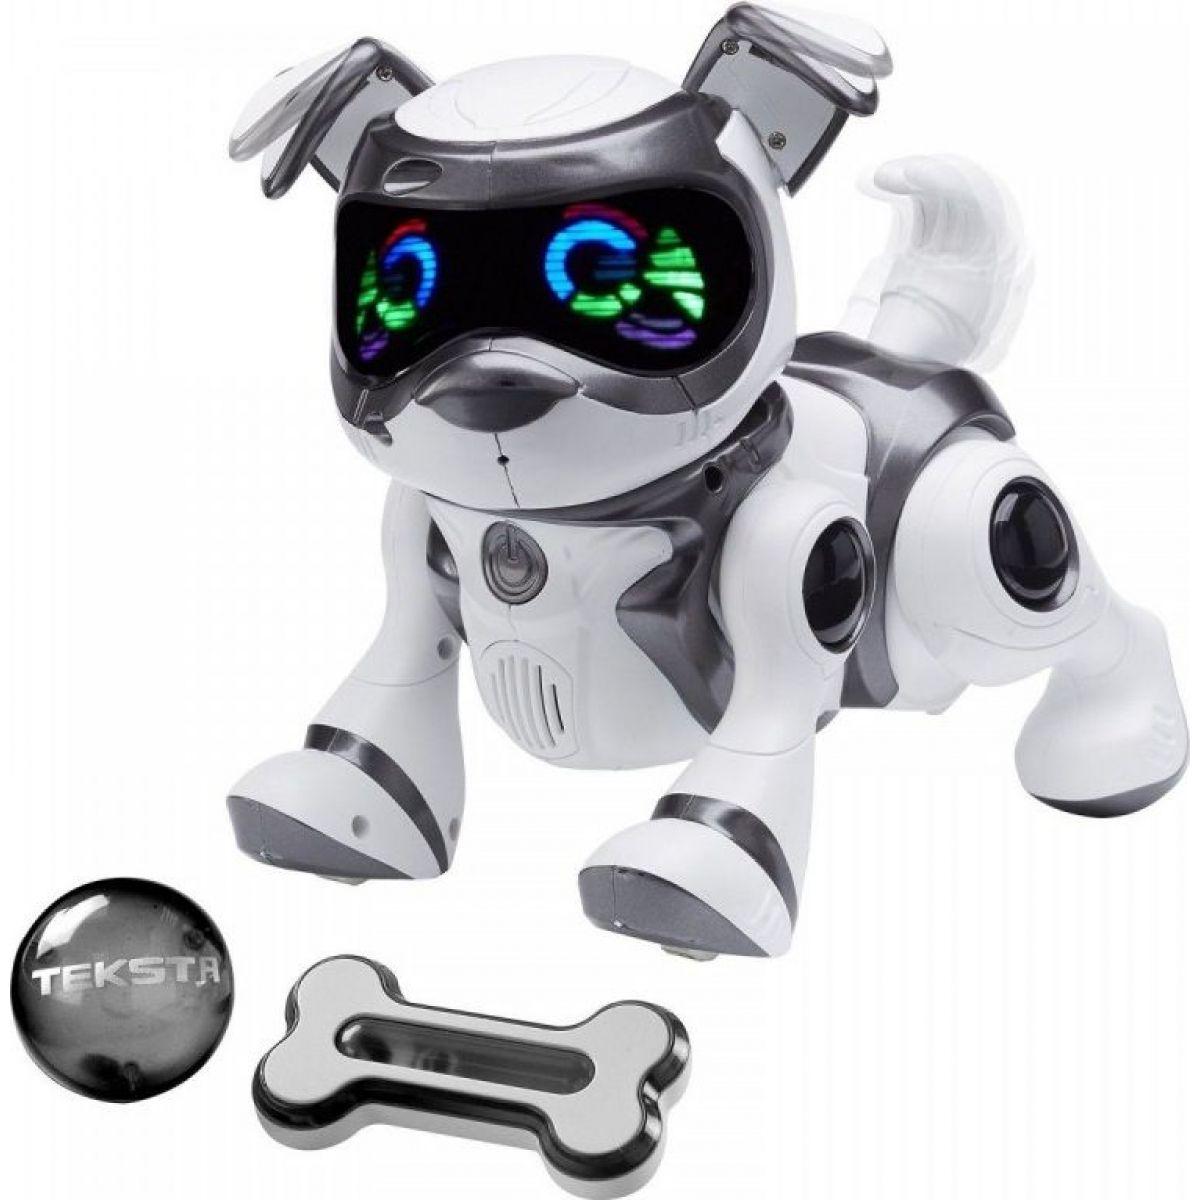 Cobi Teksta Robotické štěně ovládané hlasem - Bílo-černá